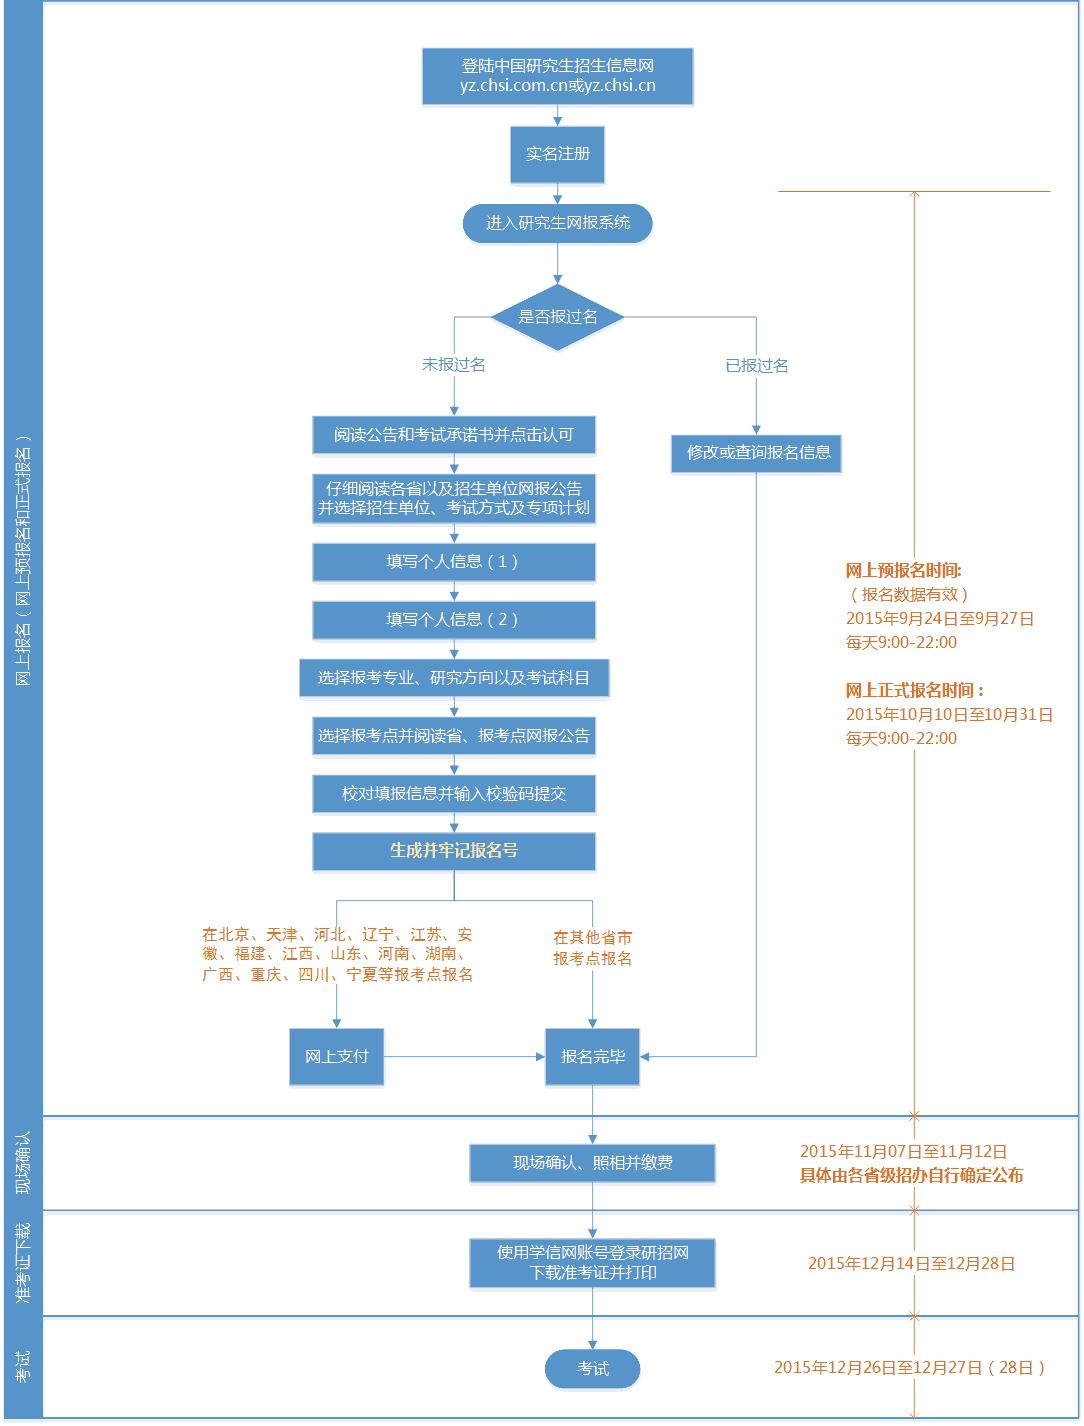 2016考研网上报名最新流程图(图)